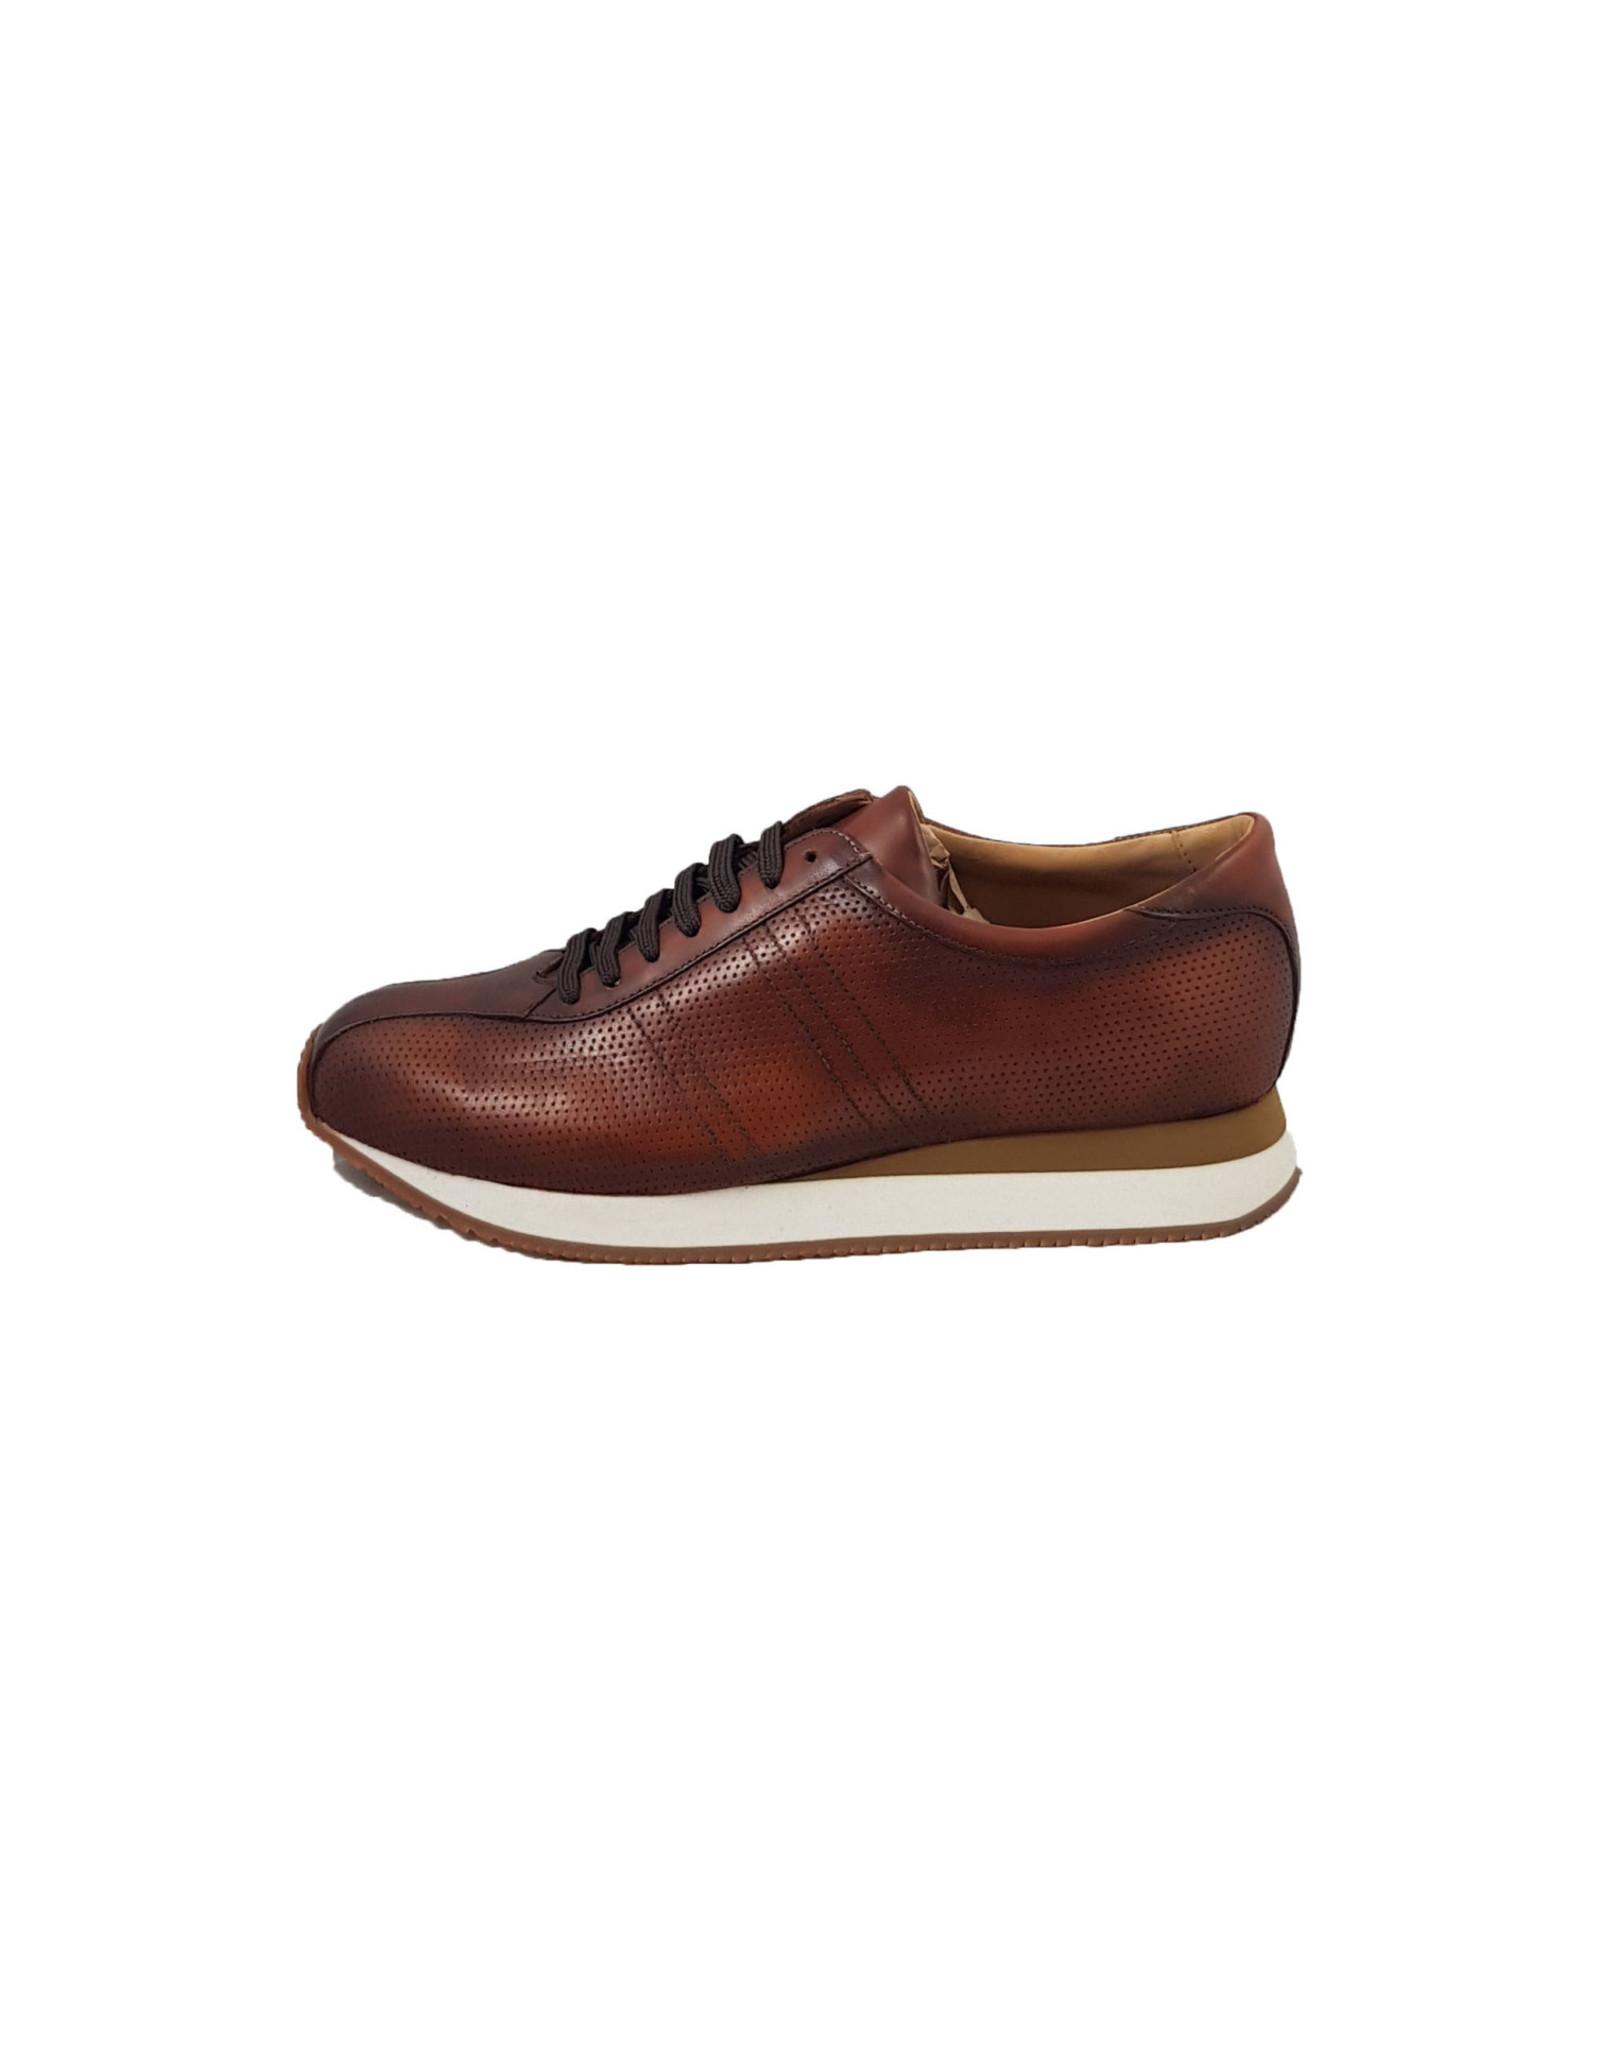 Zampiere Zampiere schoenen cognac Delave cuoio M:5264 V18